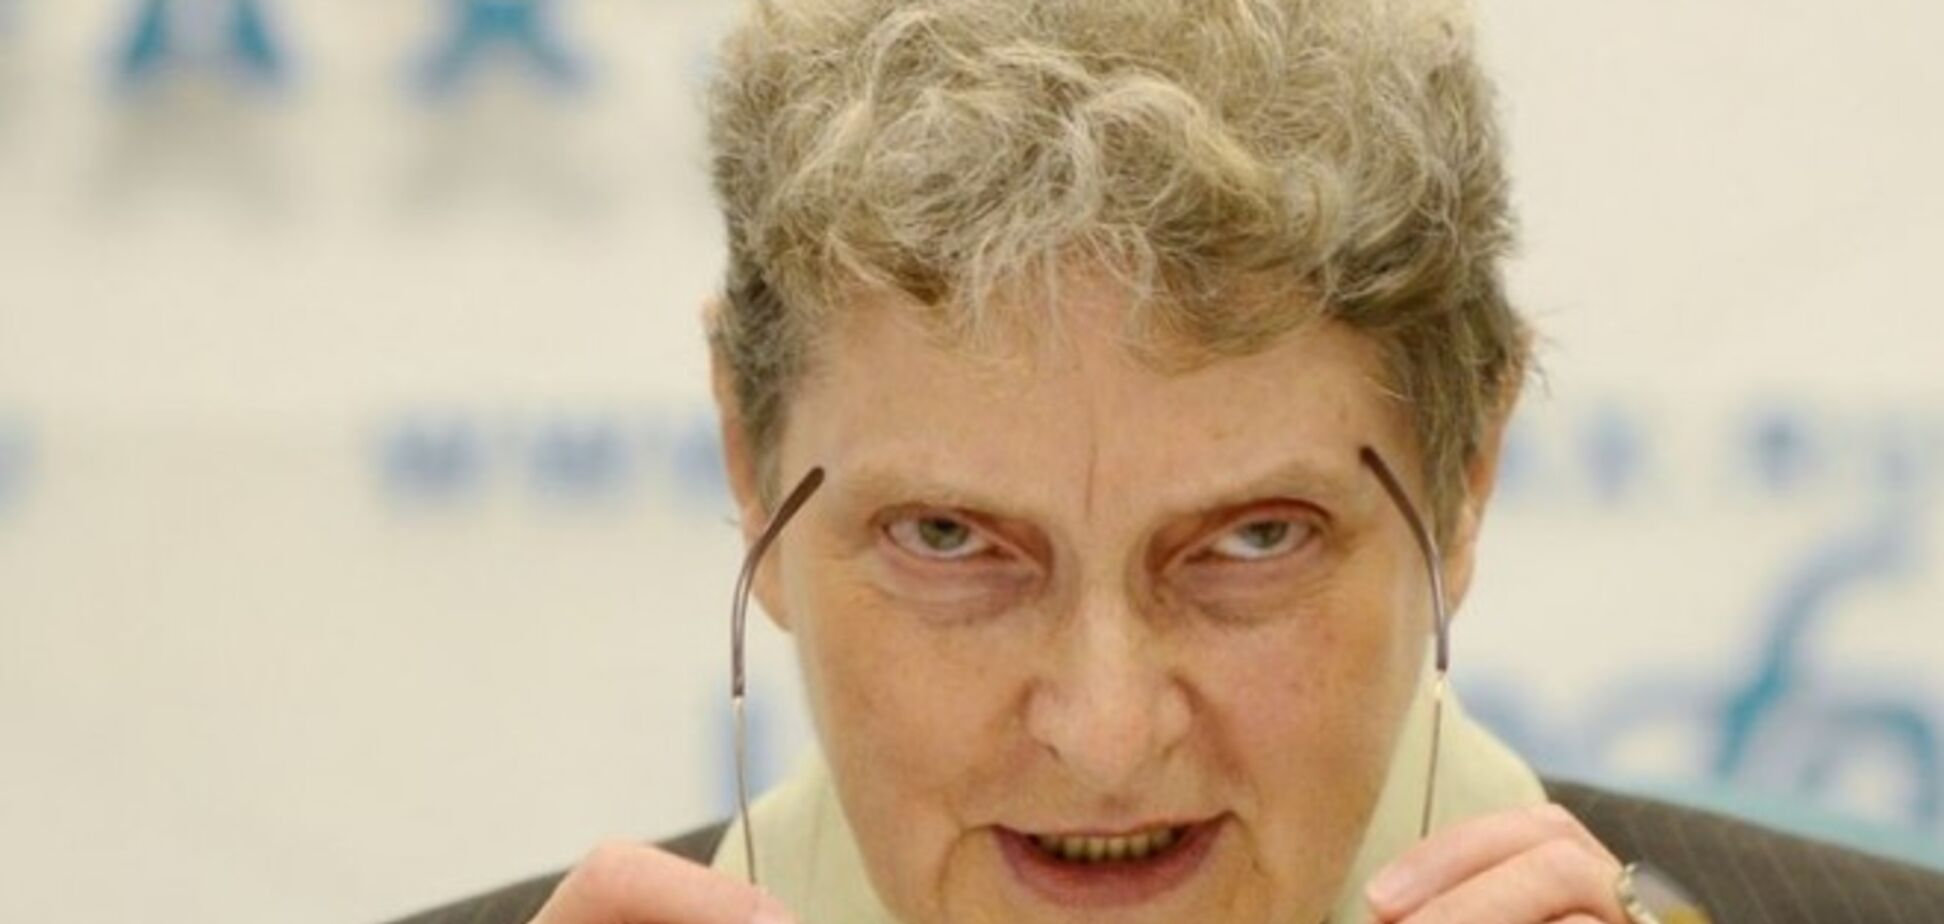 'Намкрыш': и жизнь дрянь, и страна такая же – российская правозащитница